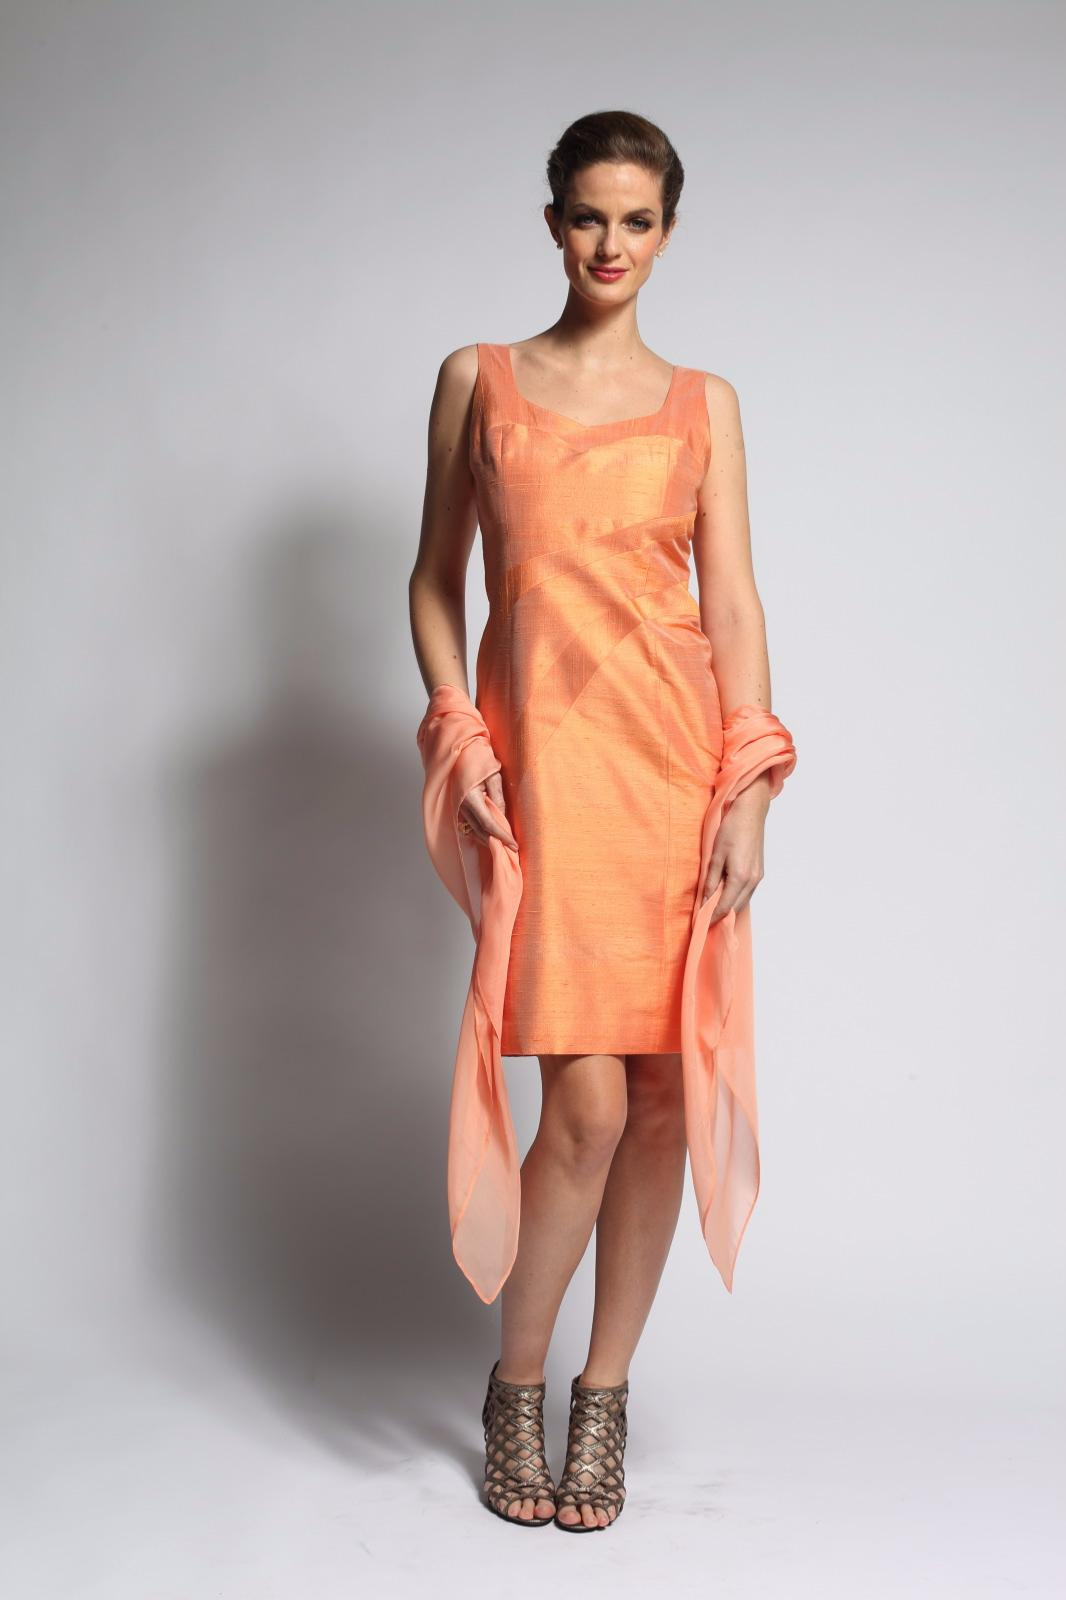 100% authentique 51a60 0db29 Robe de soirée à bretelles en soie découpes très féminine ABACA